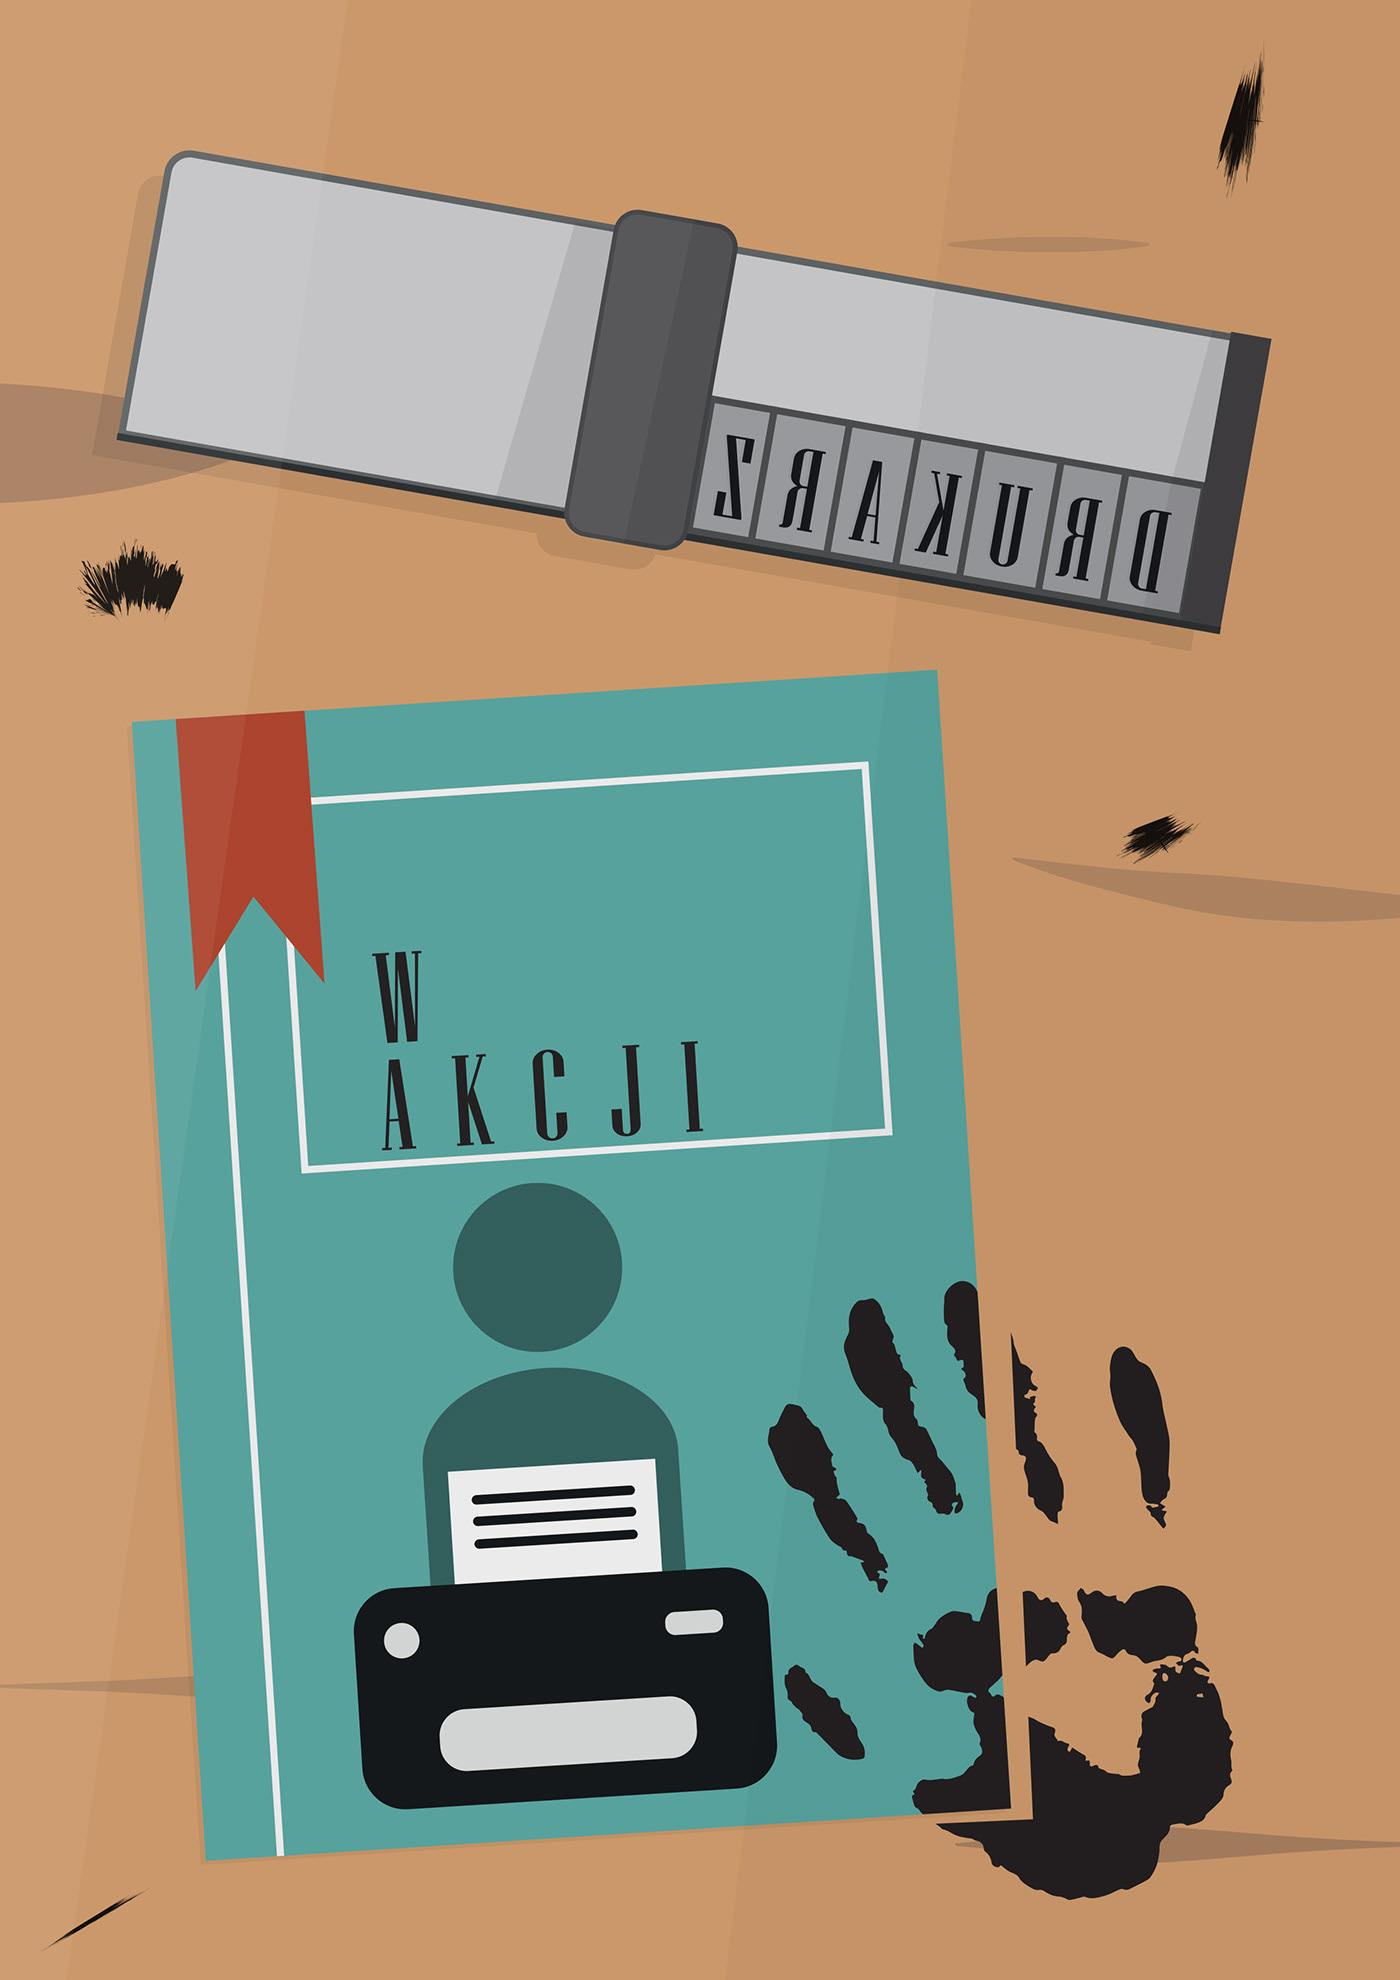 Постер принтер ключи